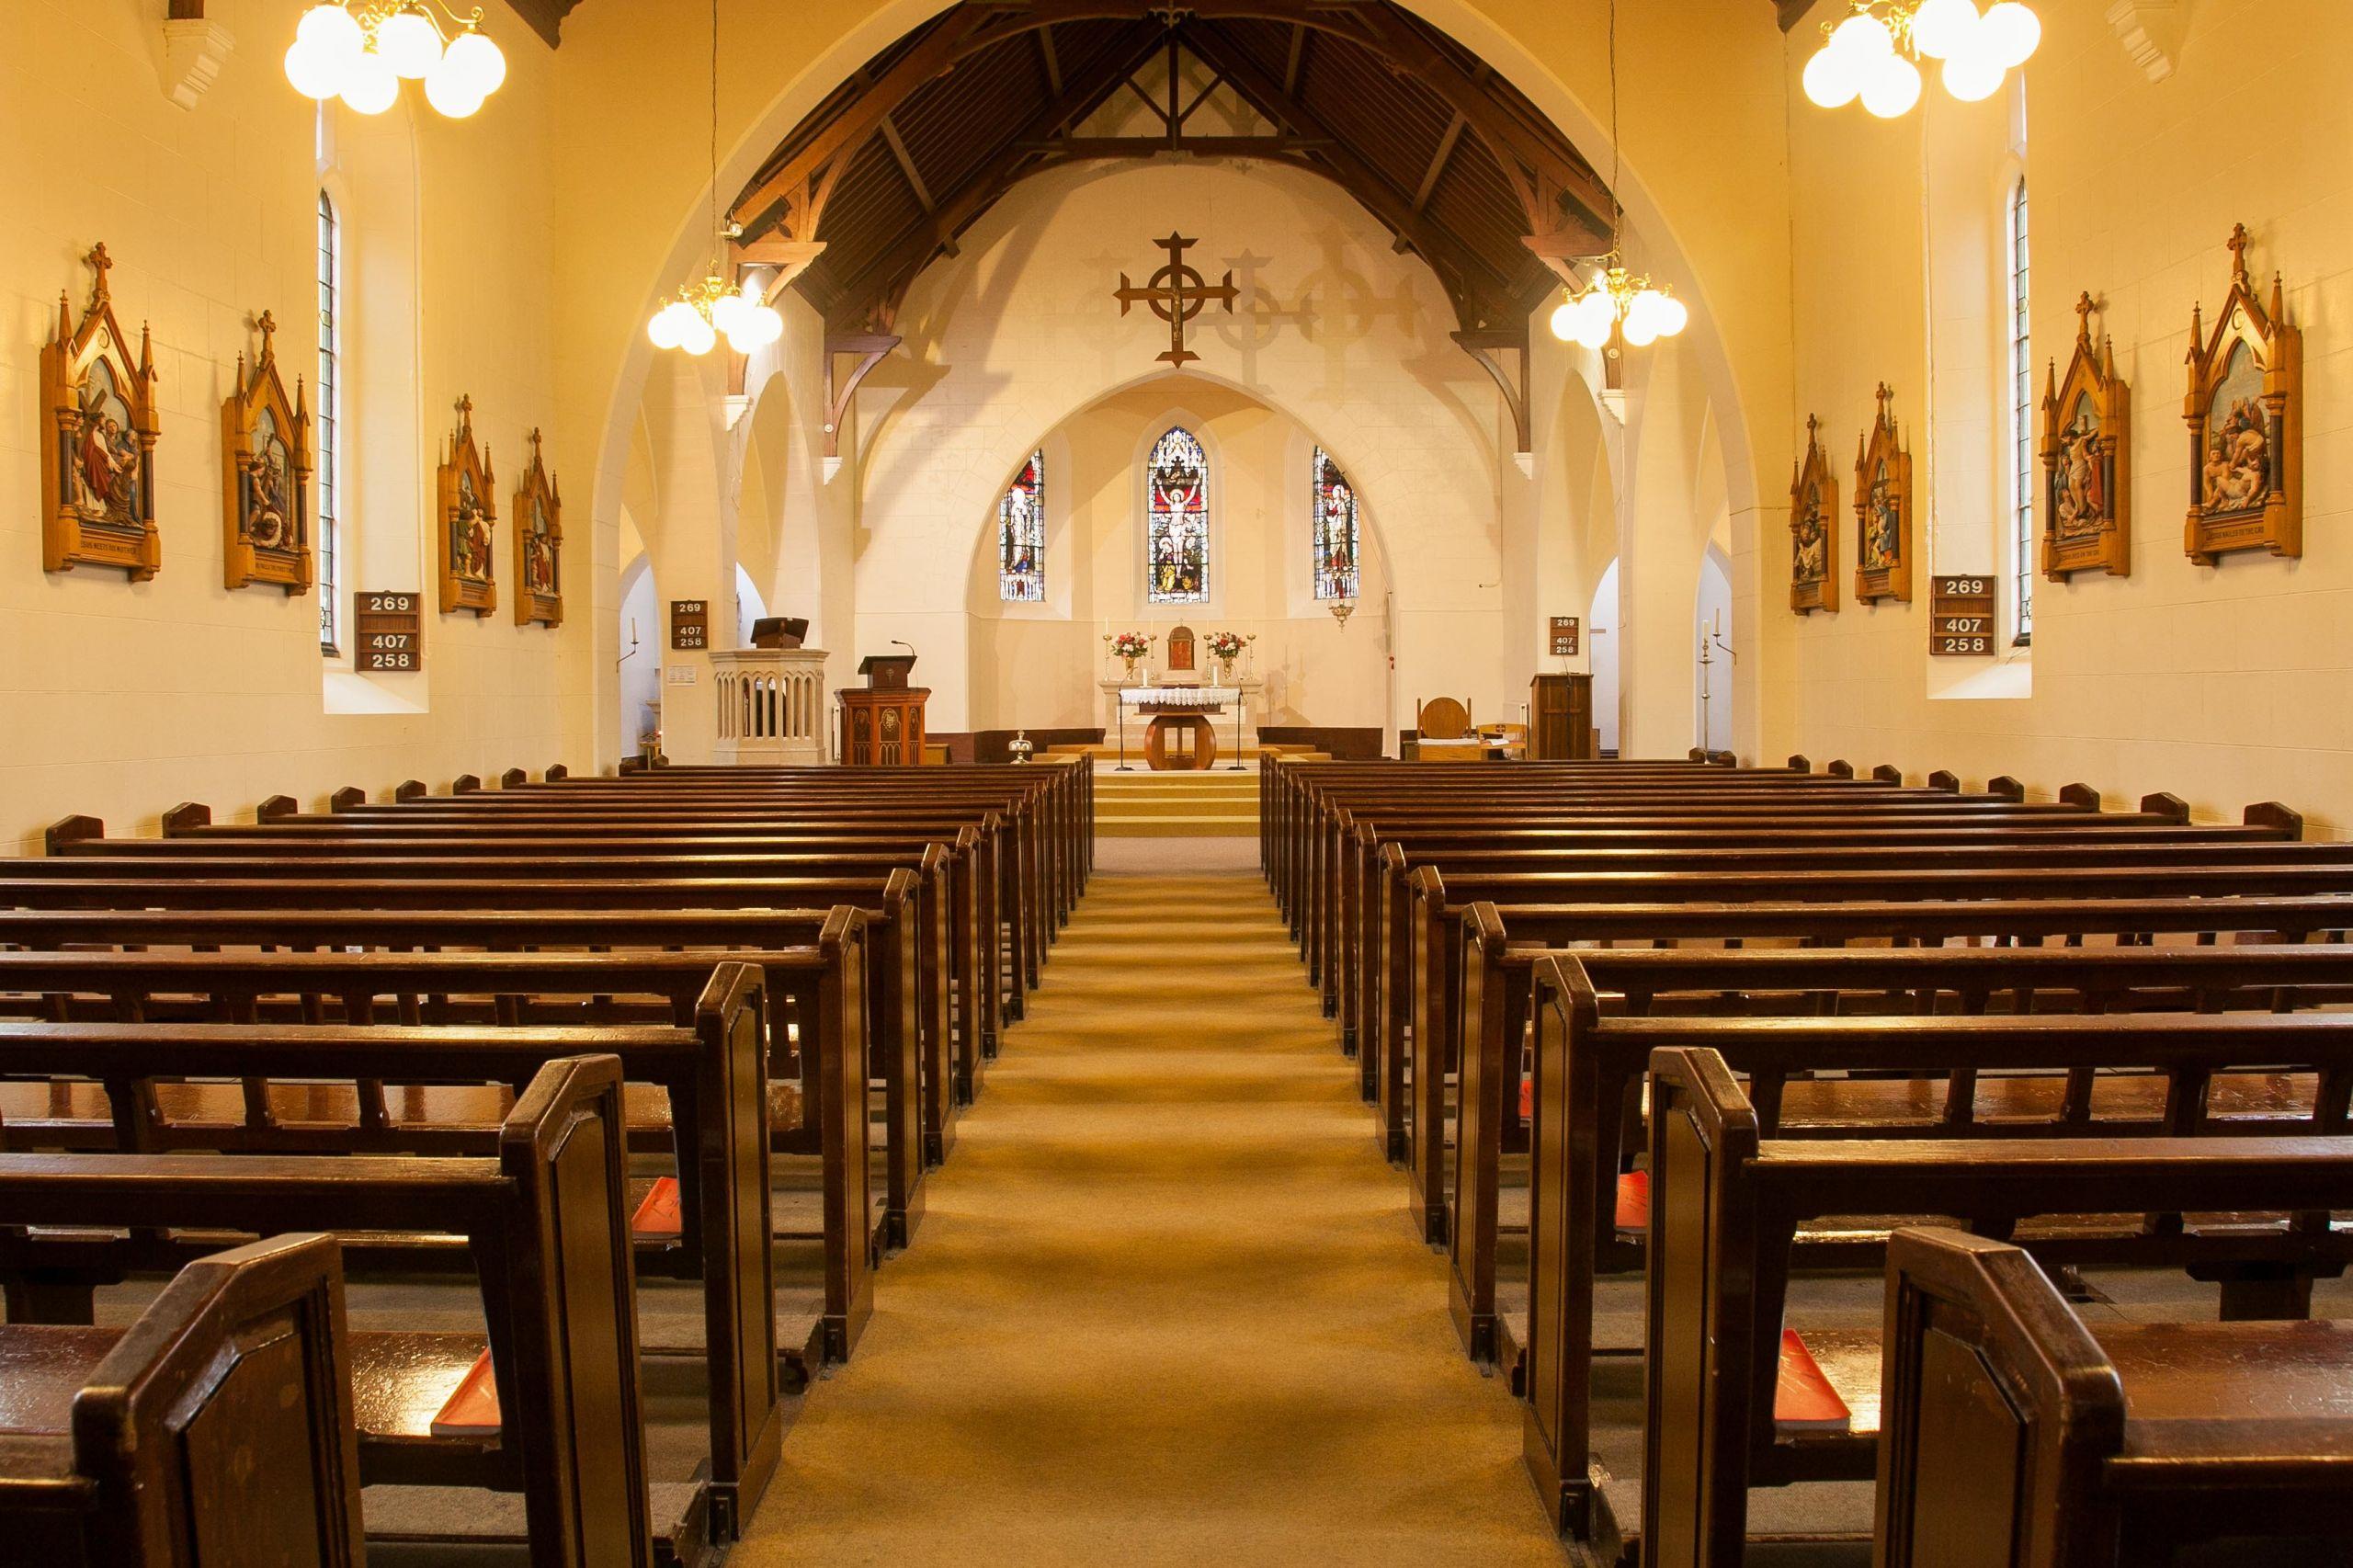 Interior of St Patricks Church in Portrush